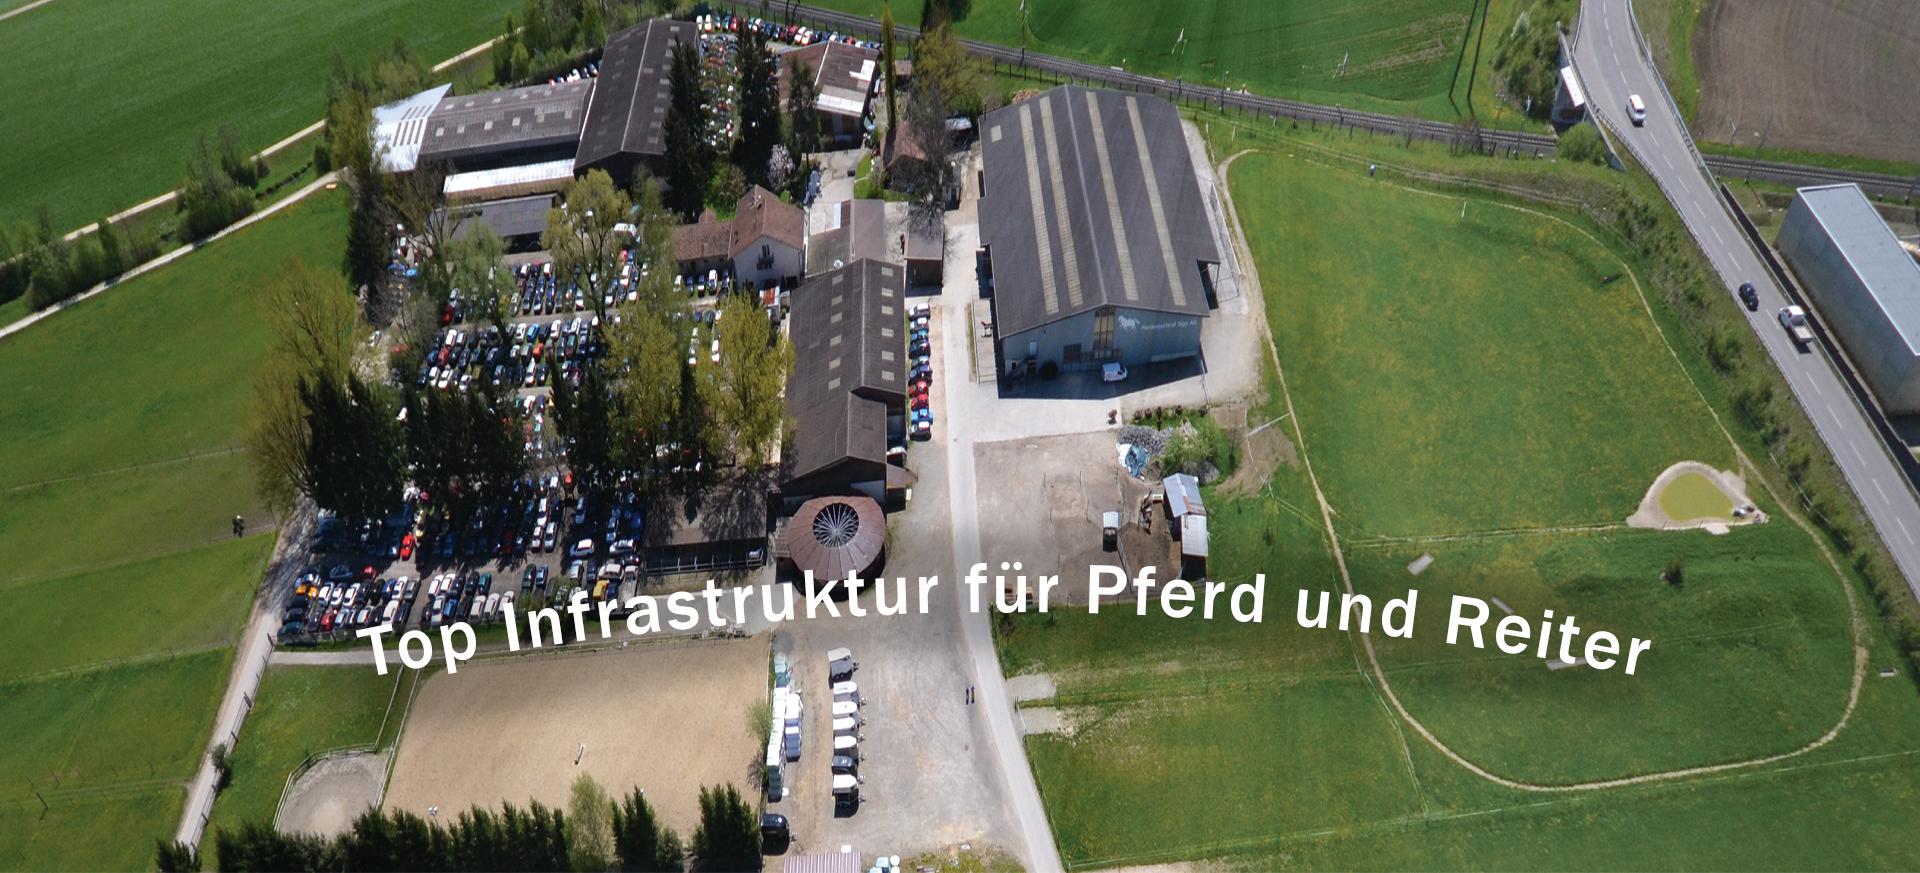 Top_Infrastruktur_Pferd_und_Reiter-2020